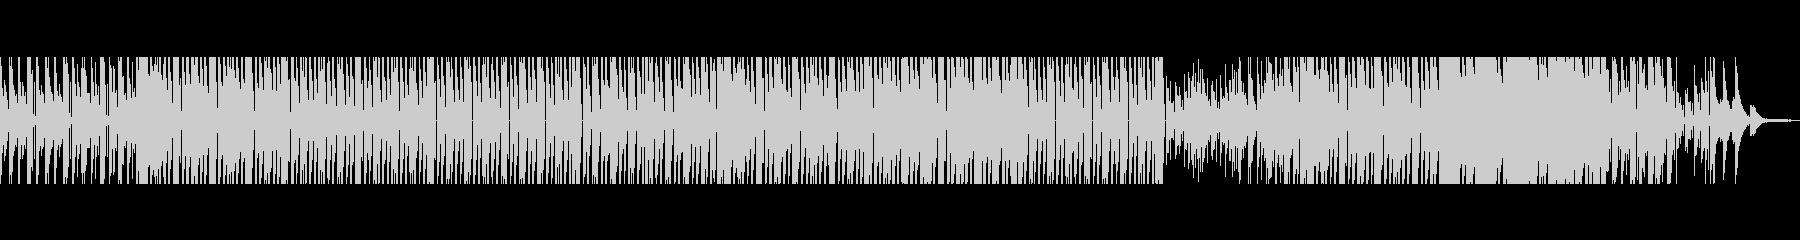 【メロ無し】80年代風洋楽ポップロックの未再生の波形